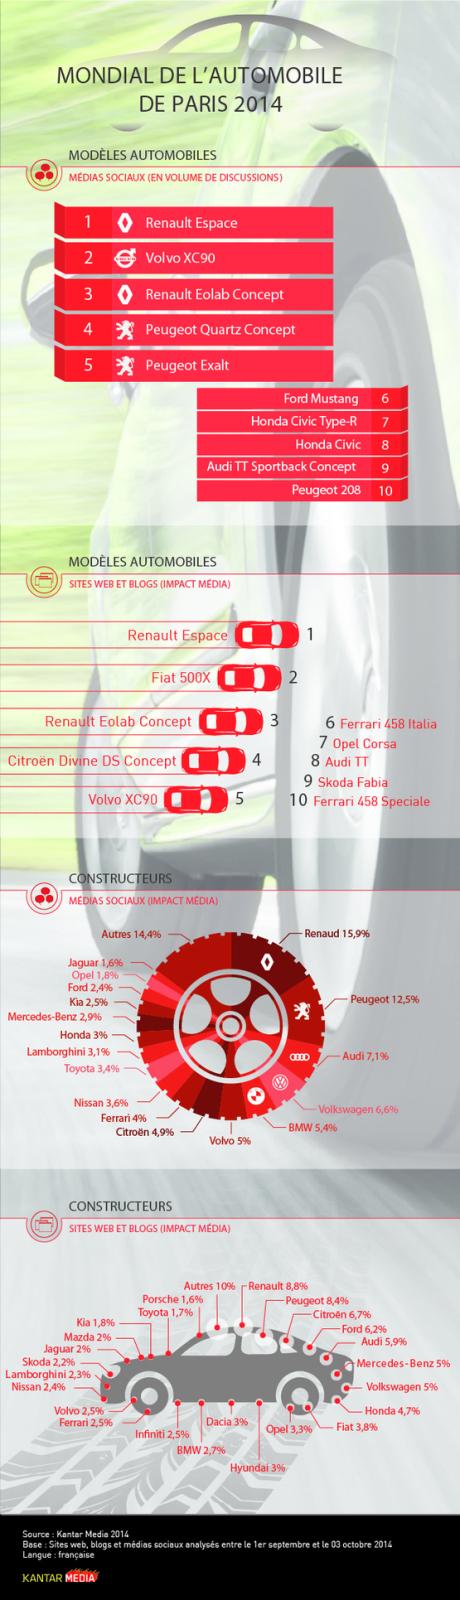 Infographie - Quels modèles et constructeurs font parler d'eux sur la toile ? [Infographie] Le Mondial de l'Automobile 2014 sur les réseaux sociaux